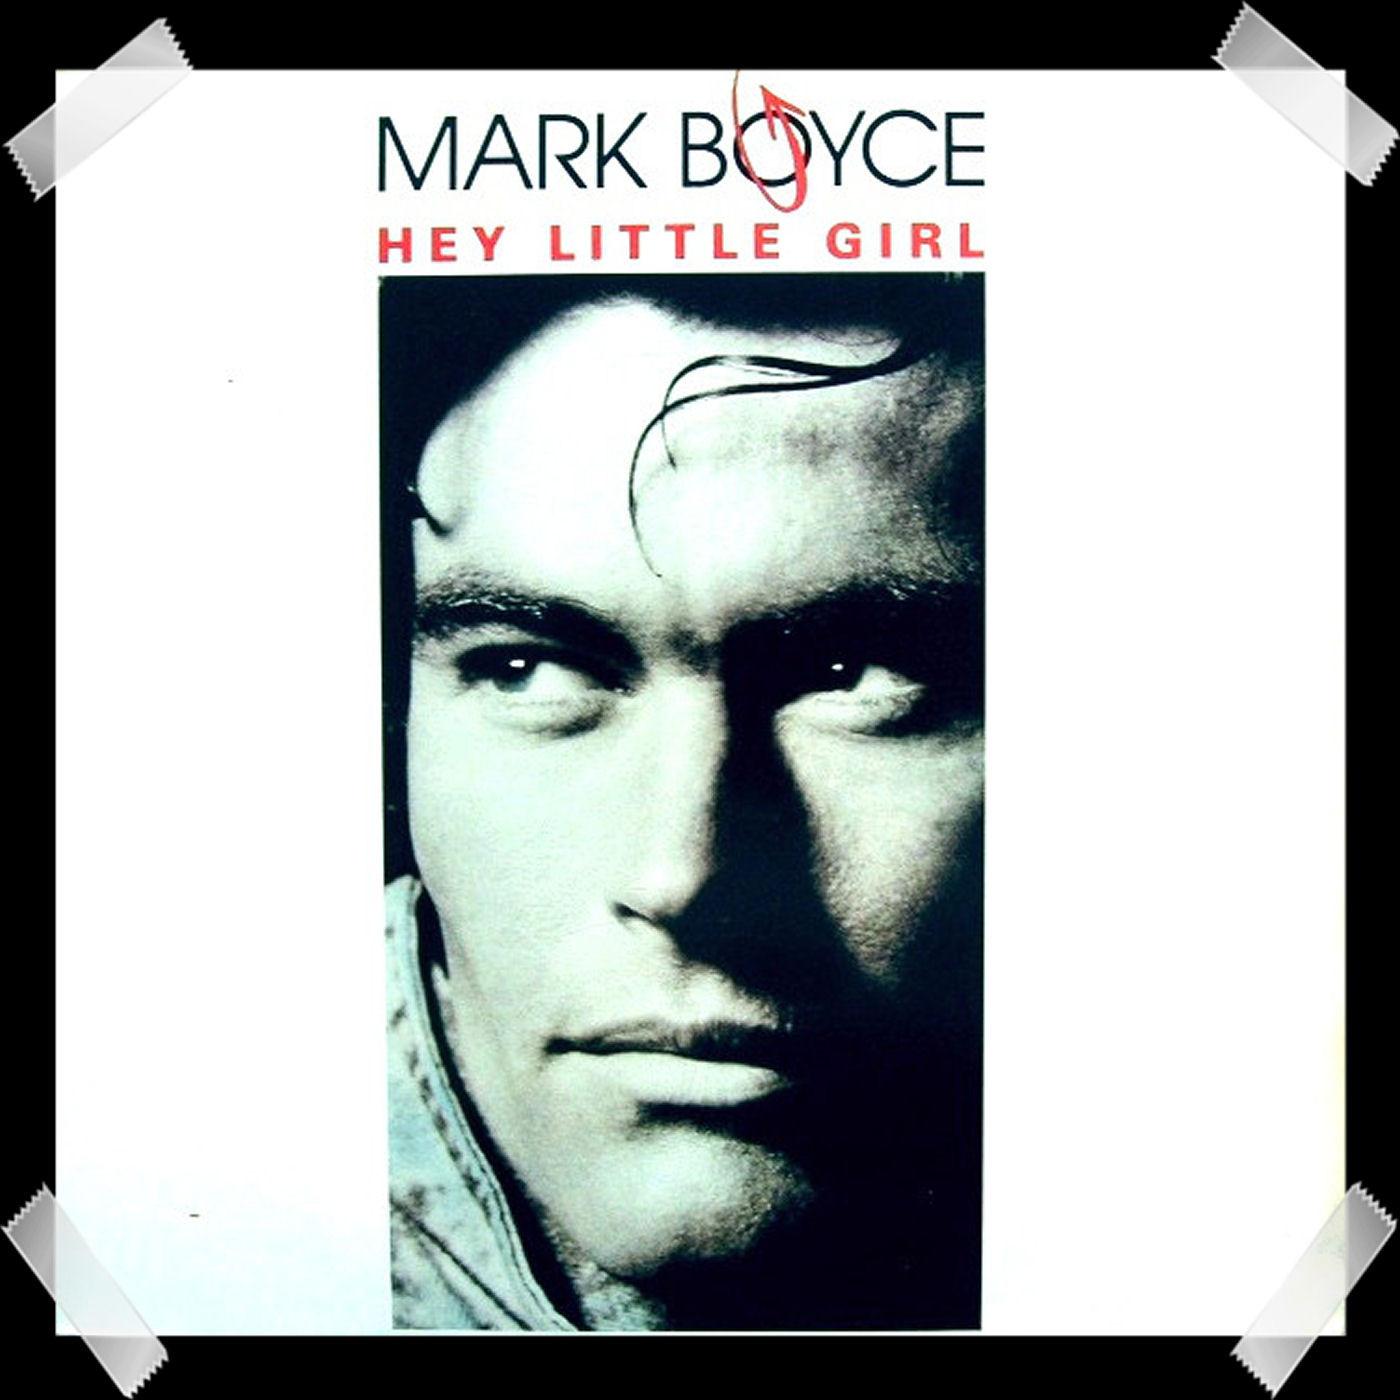 39. Mark Boyce - Hey Little Girl